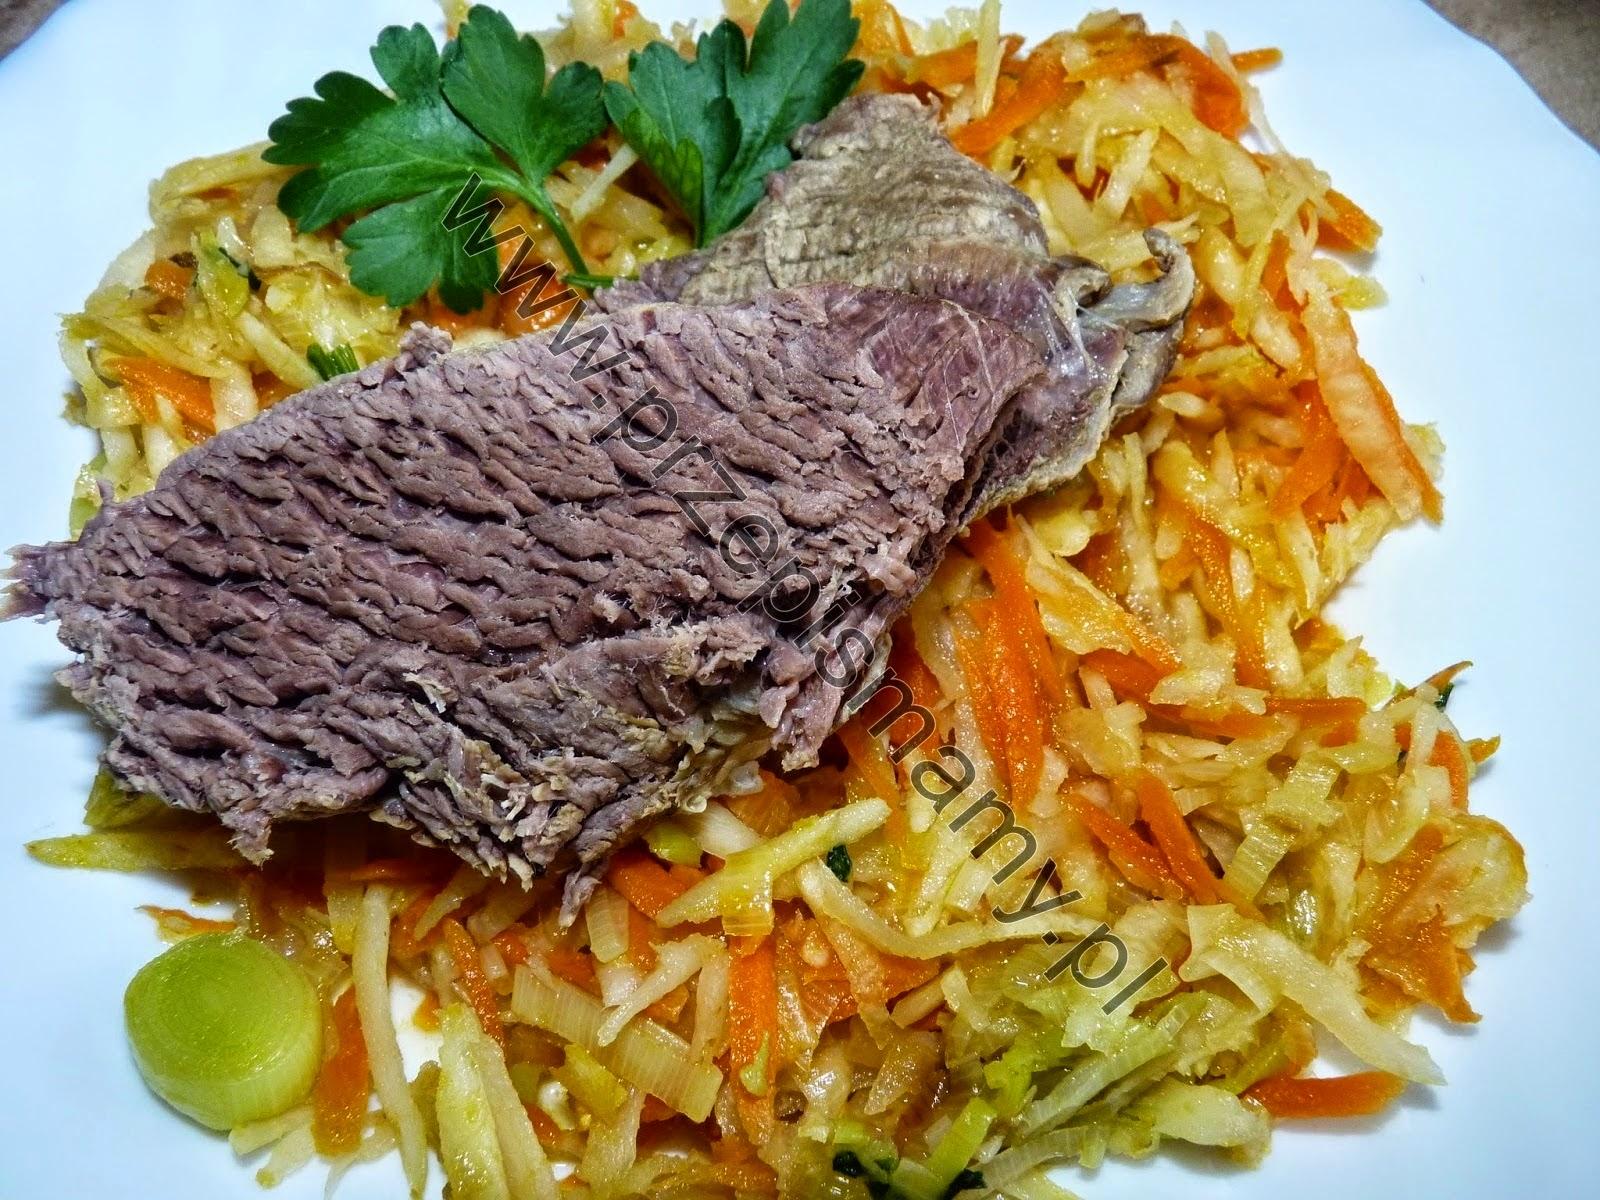 Wołowina gotowana z warzywami